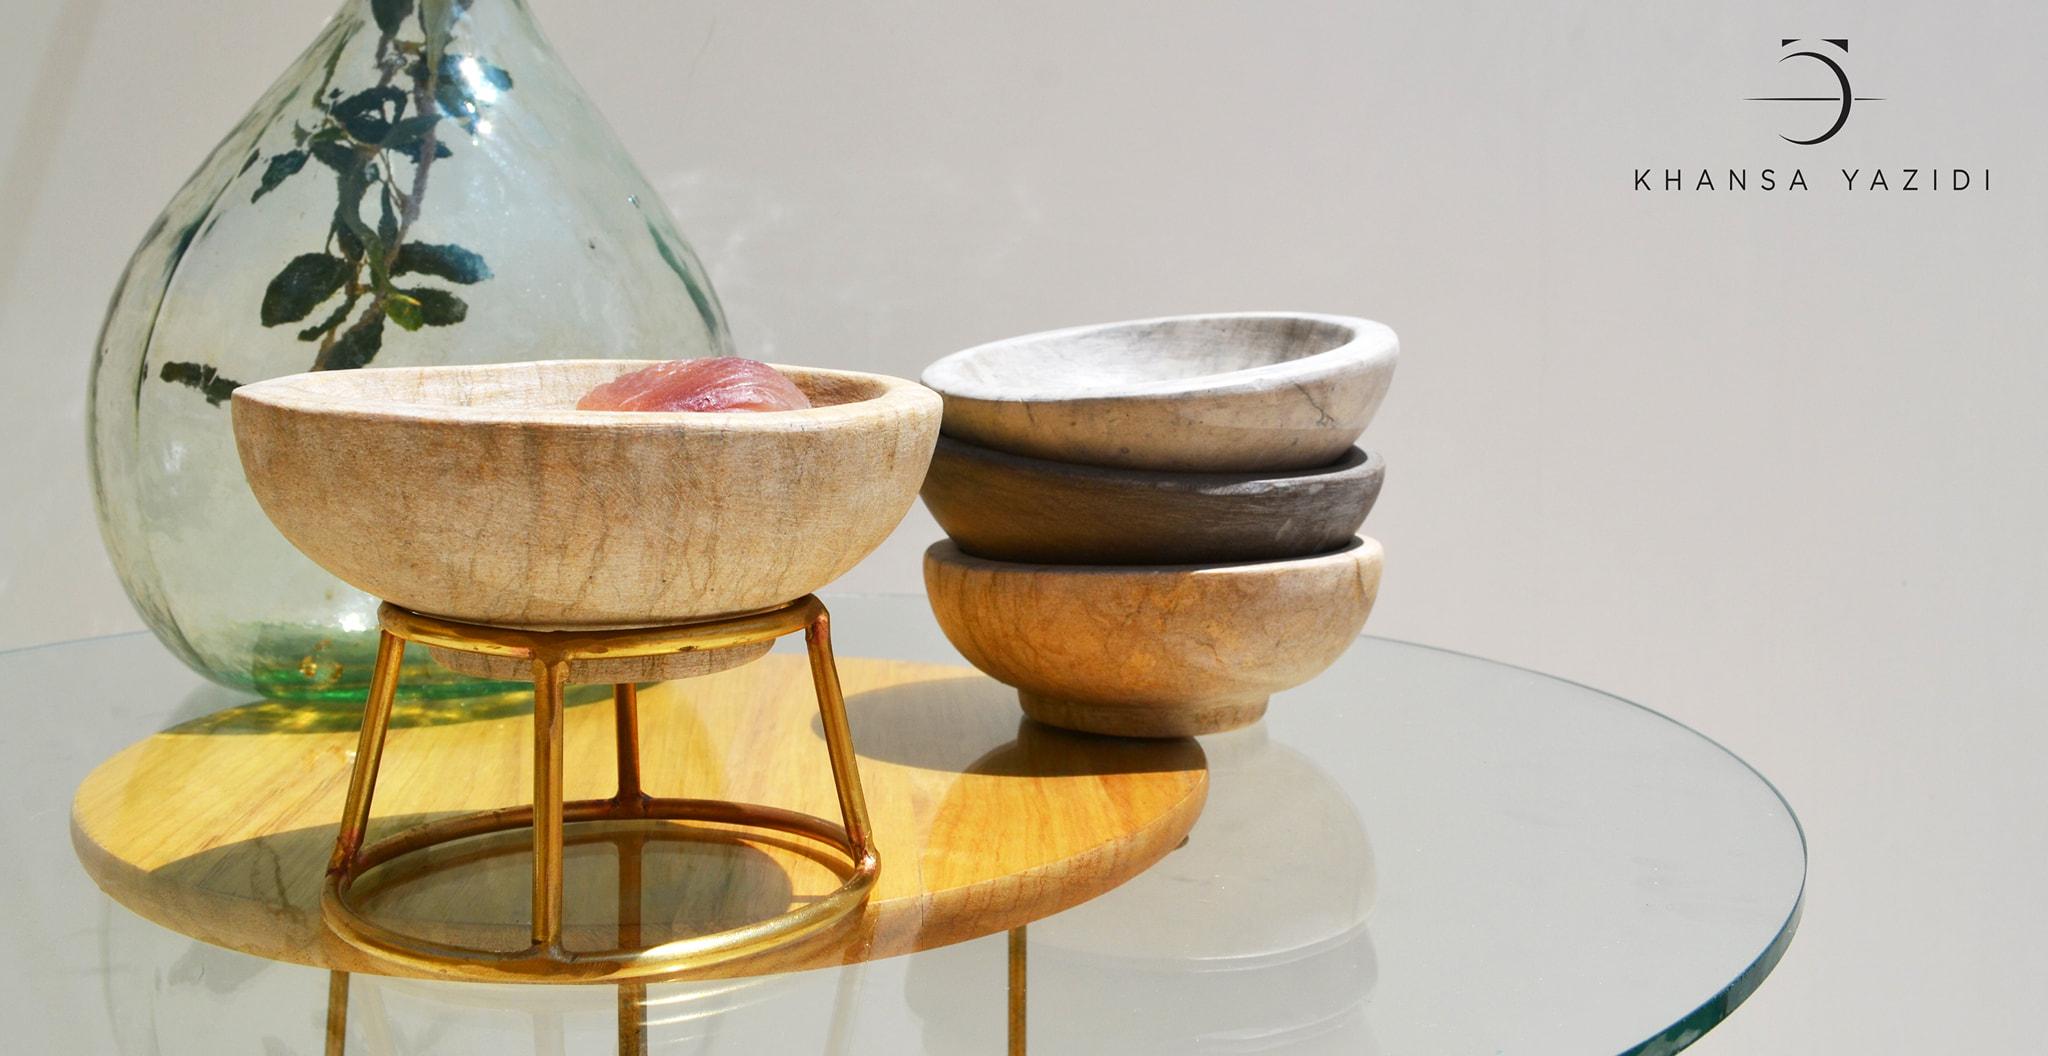 porte-savon-en-laiton-accessoire-salle-de-bain-khansa-yazidi